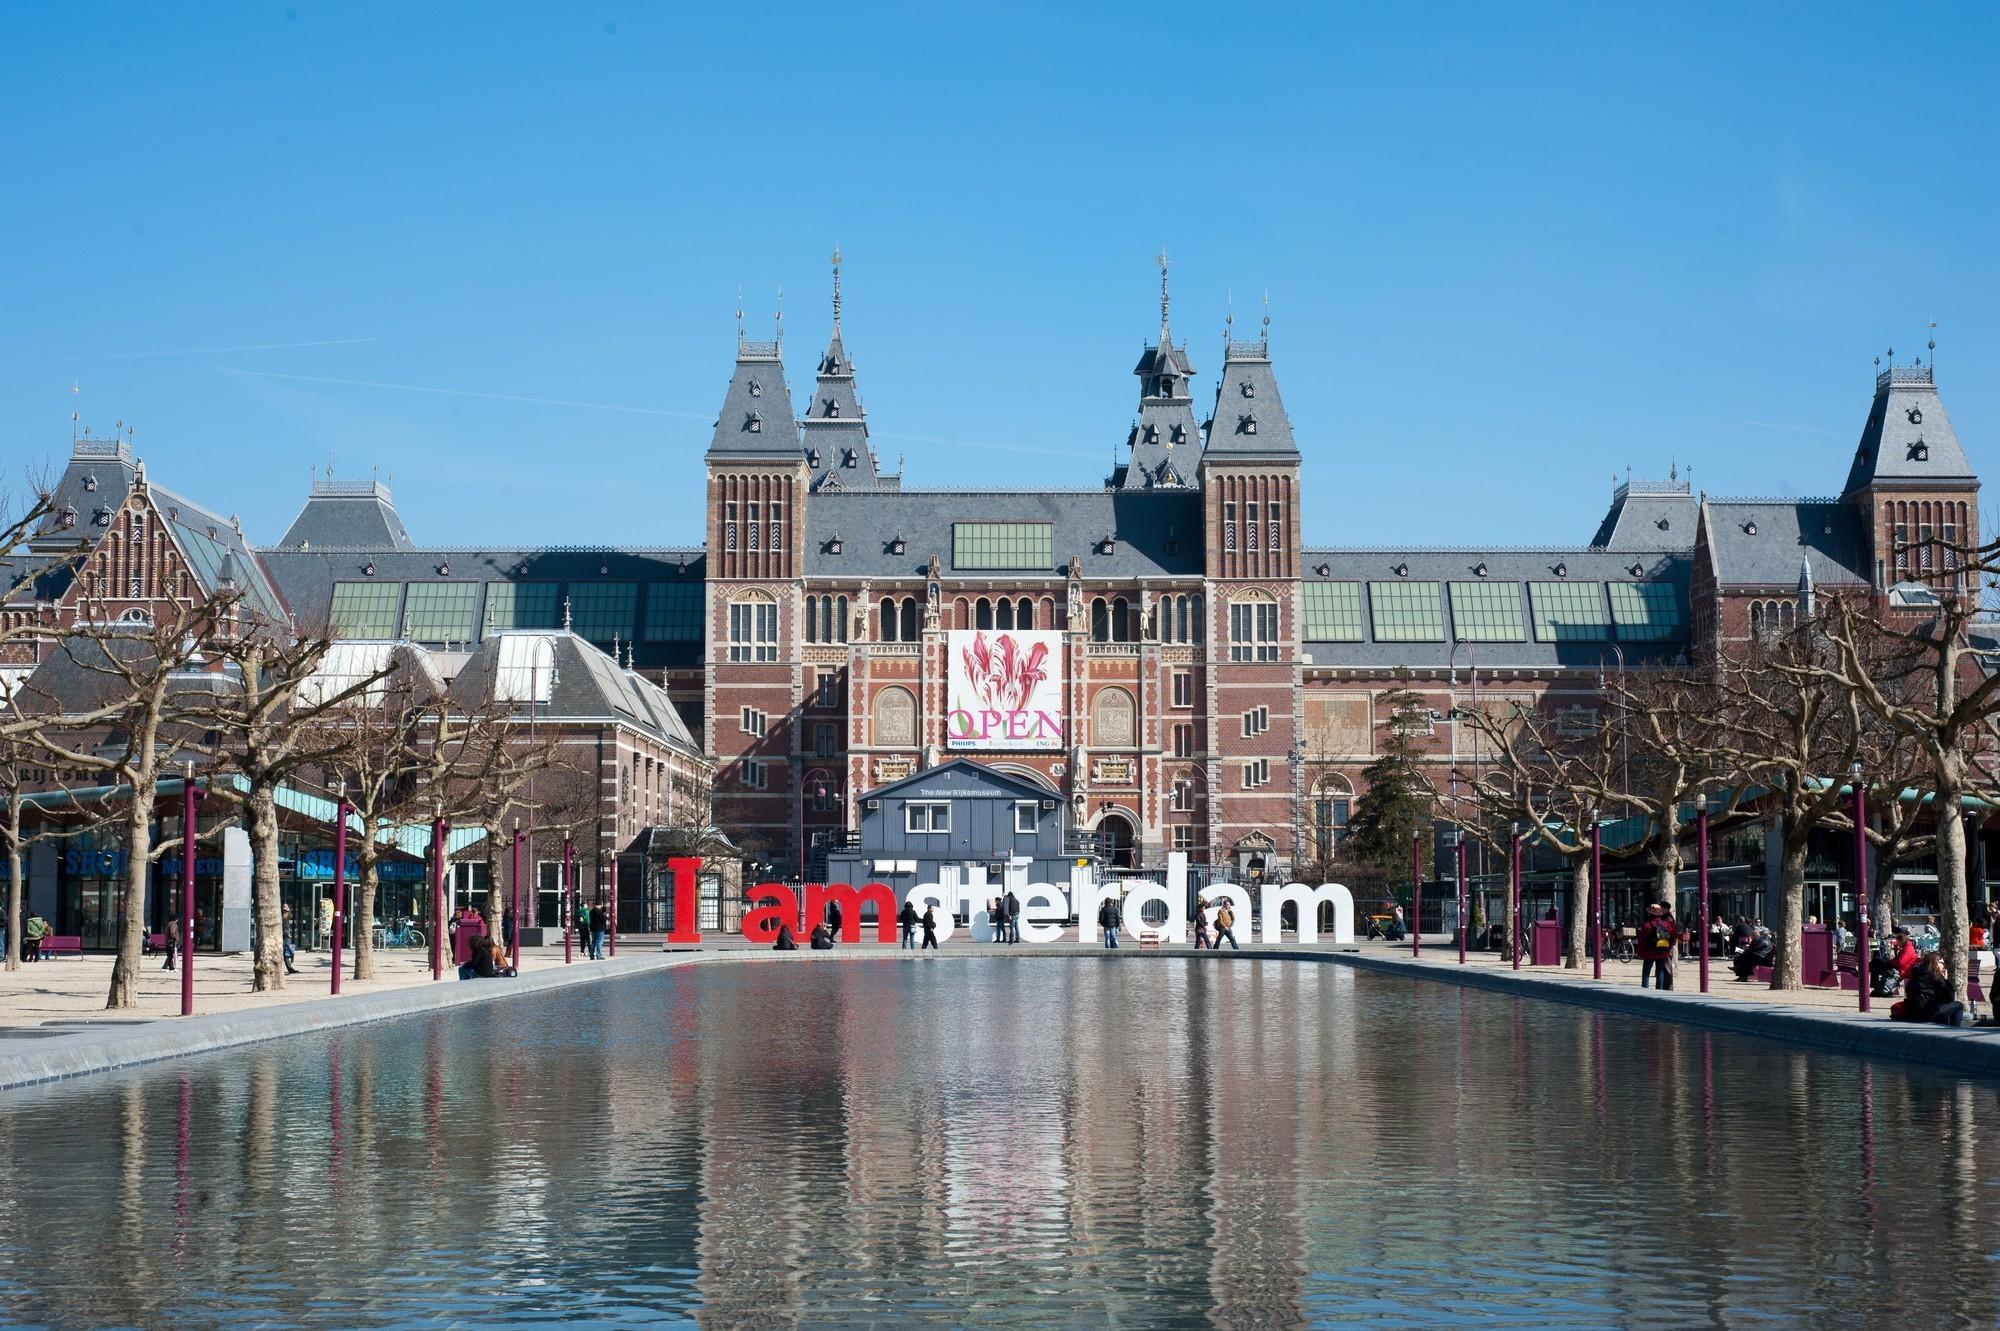 Rijksmuseum พิพิธภัณฑ์แห่งชาติอัมสเตอร์ดัม